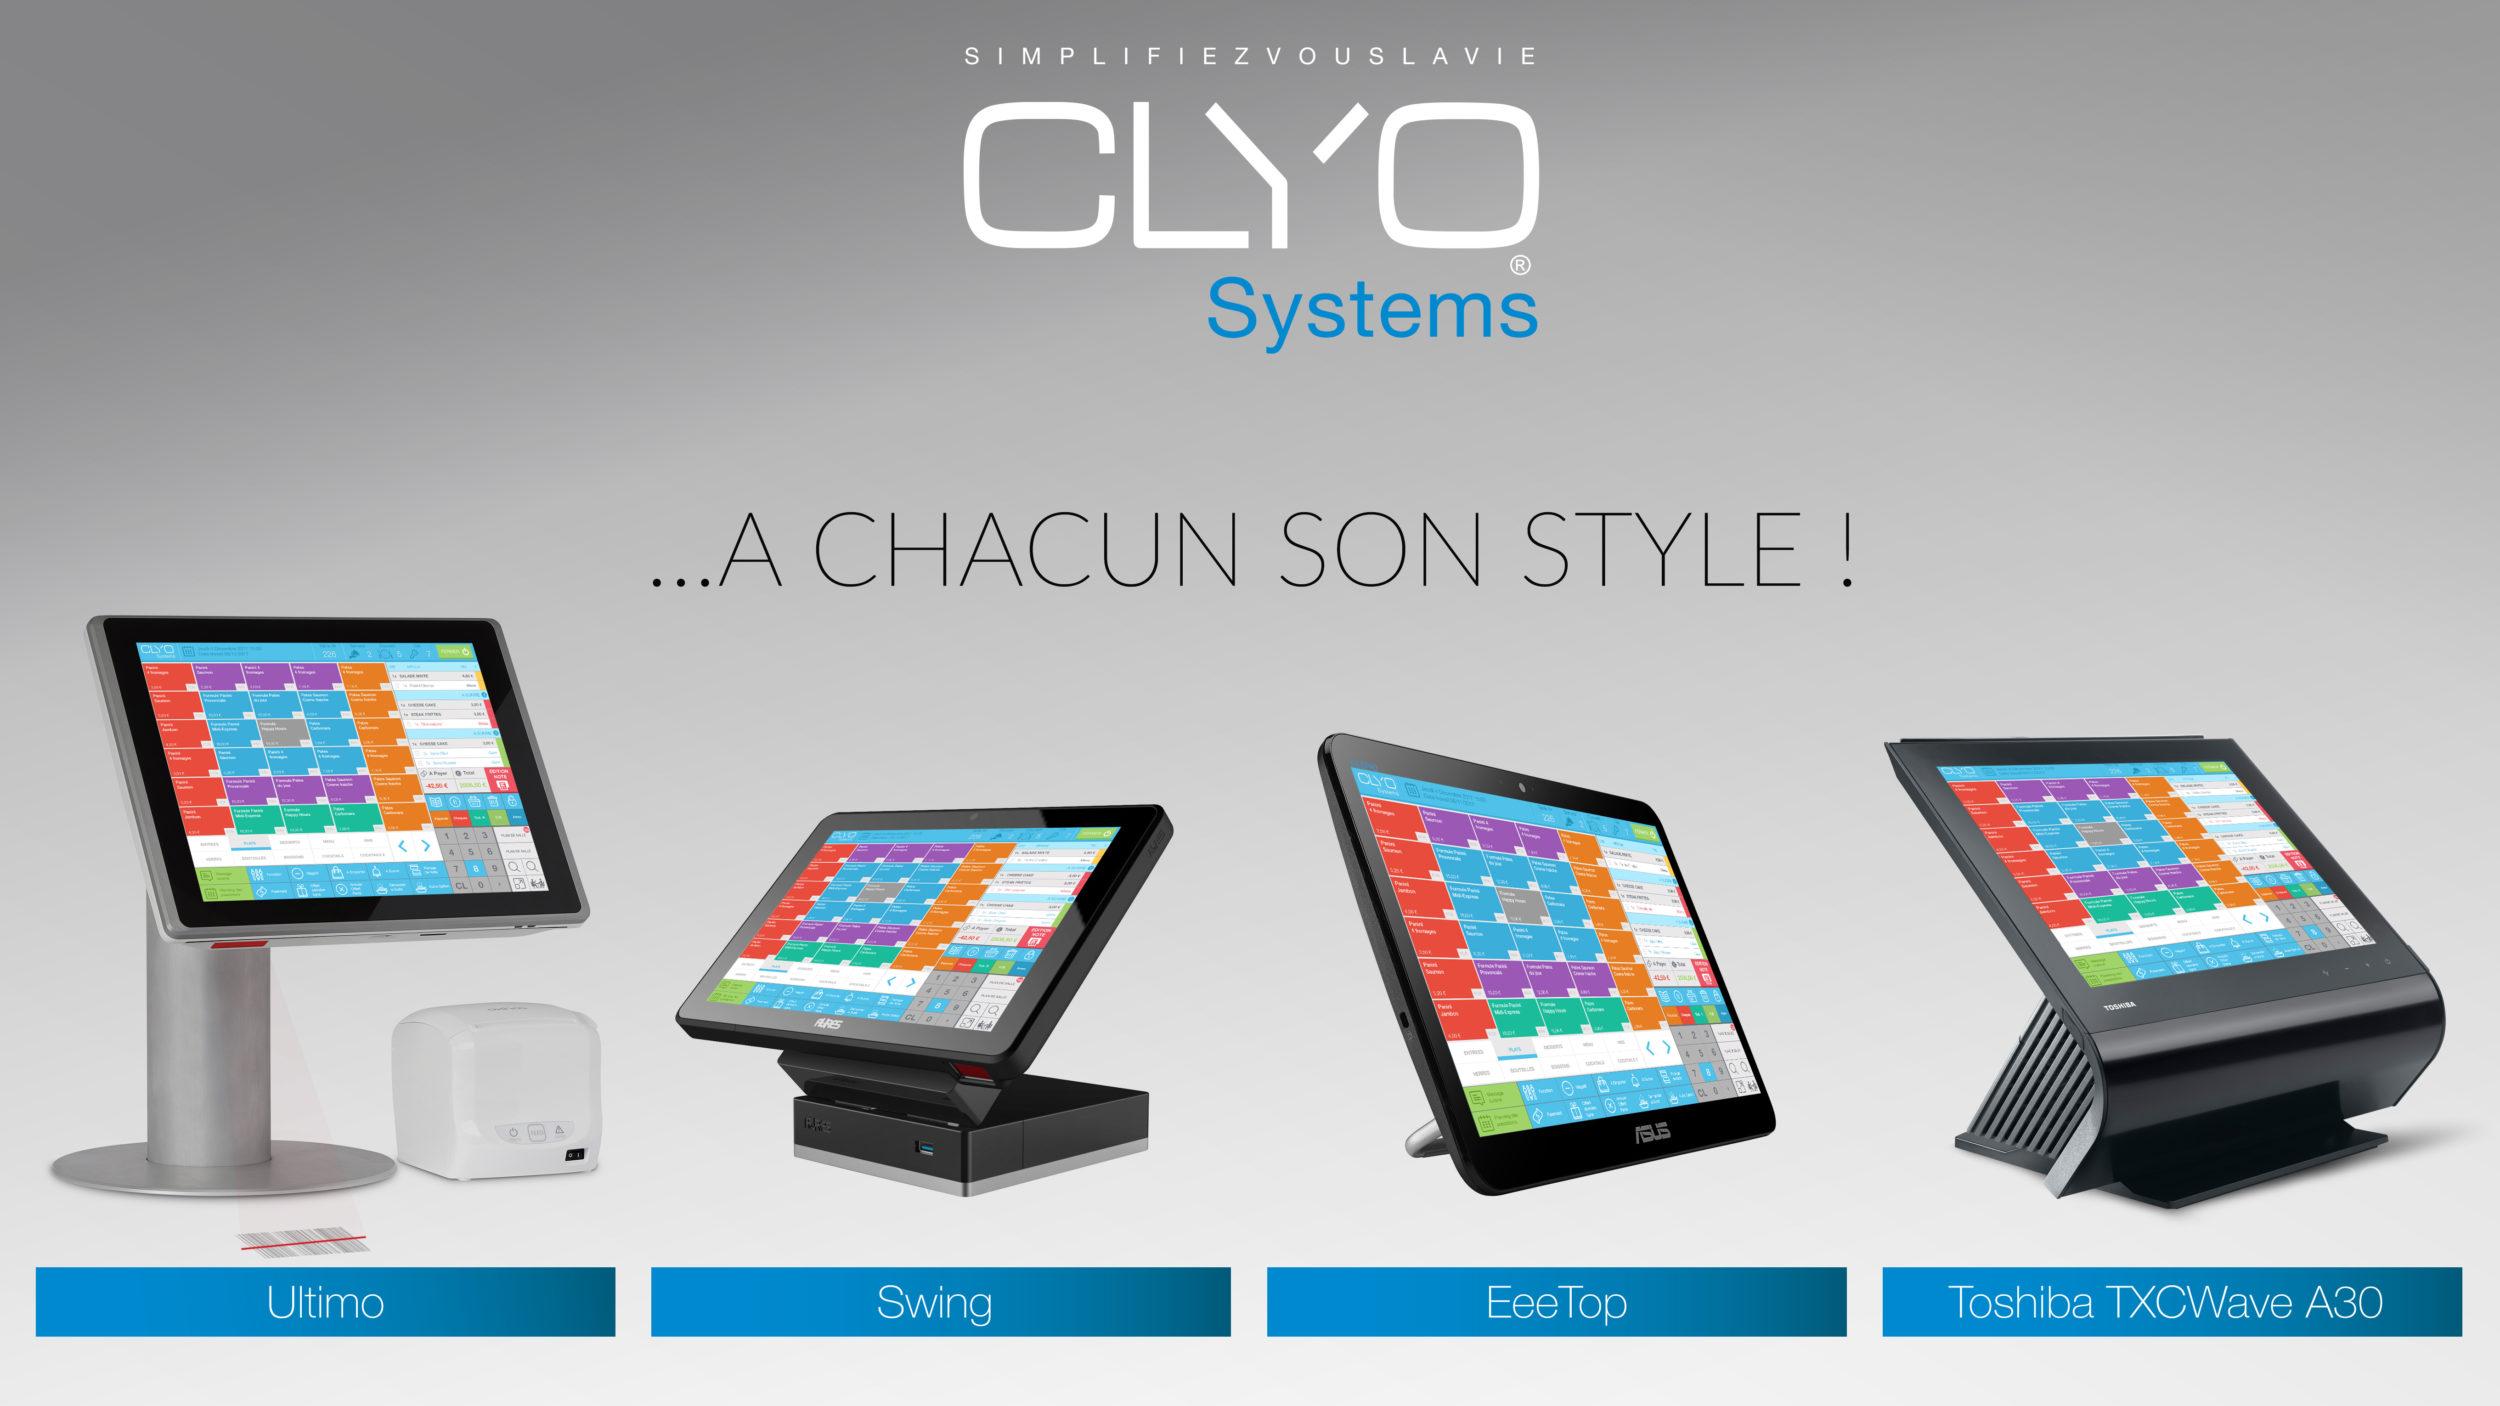 Différentes caisses Clyo Systems sur fond gris